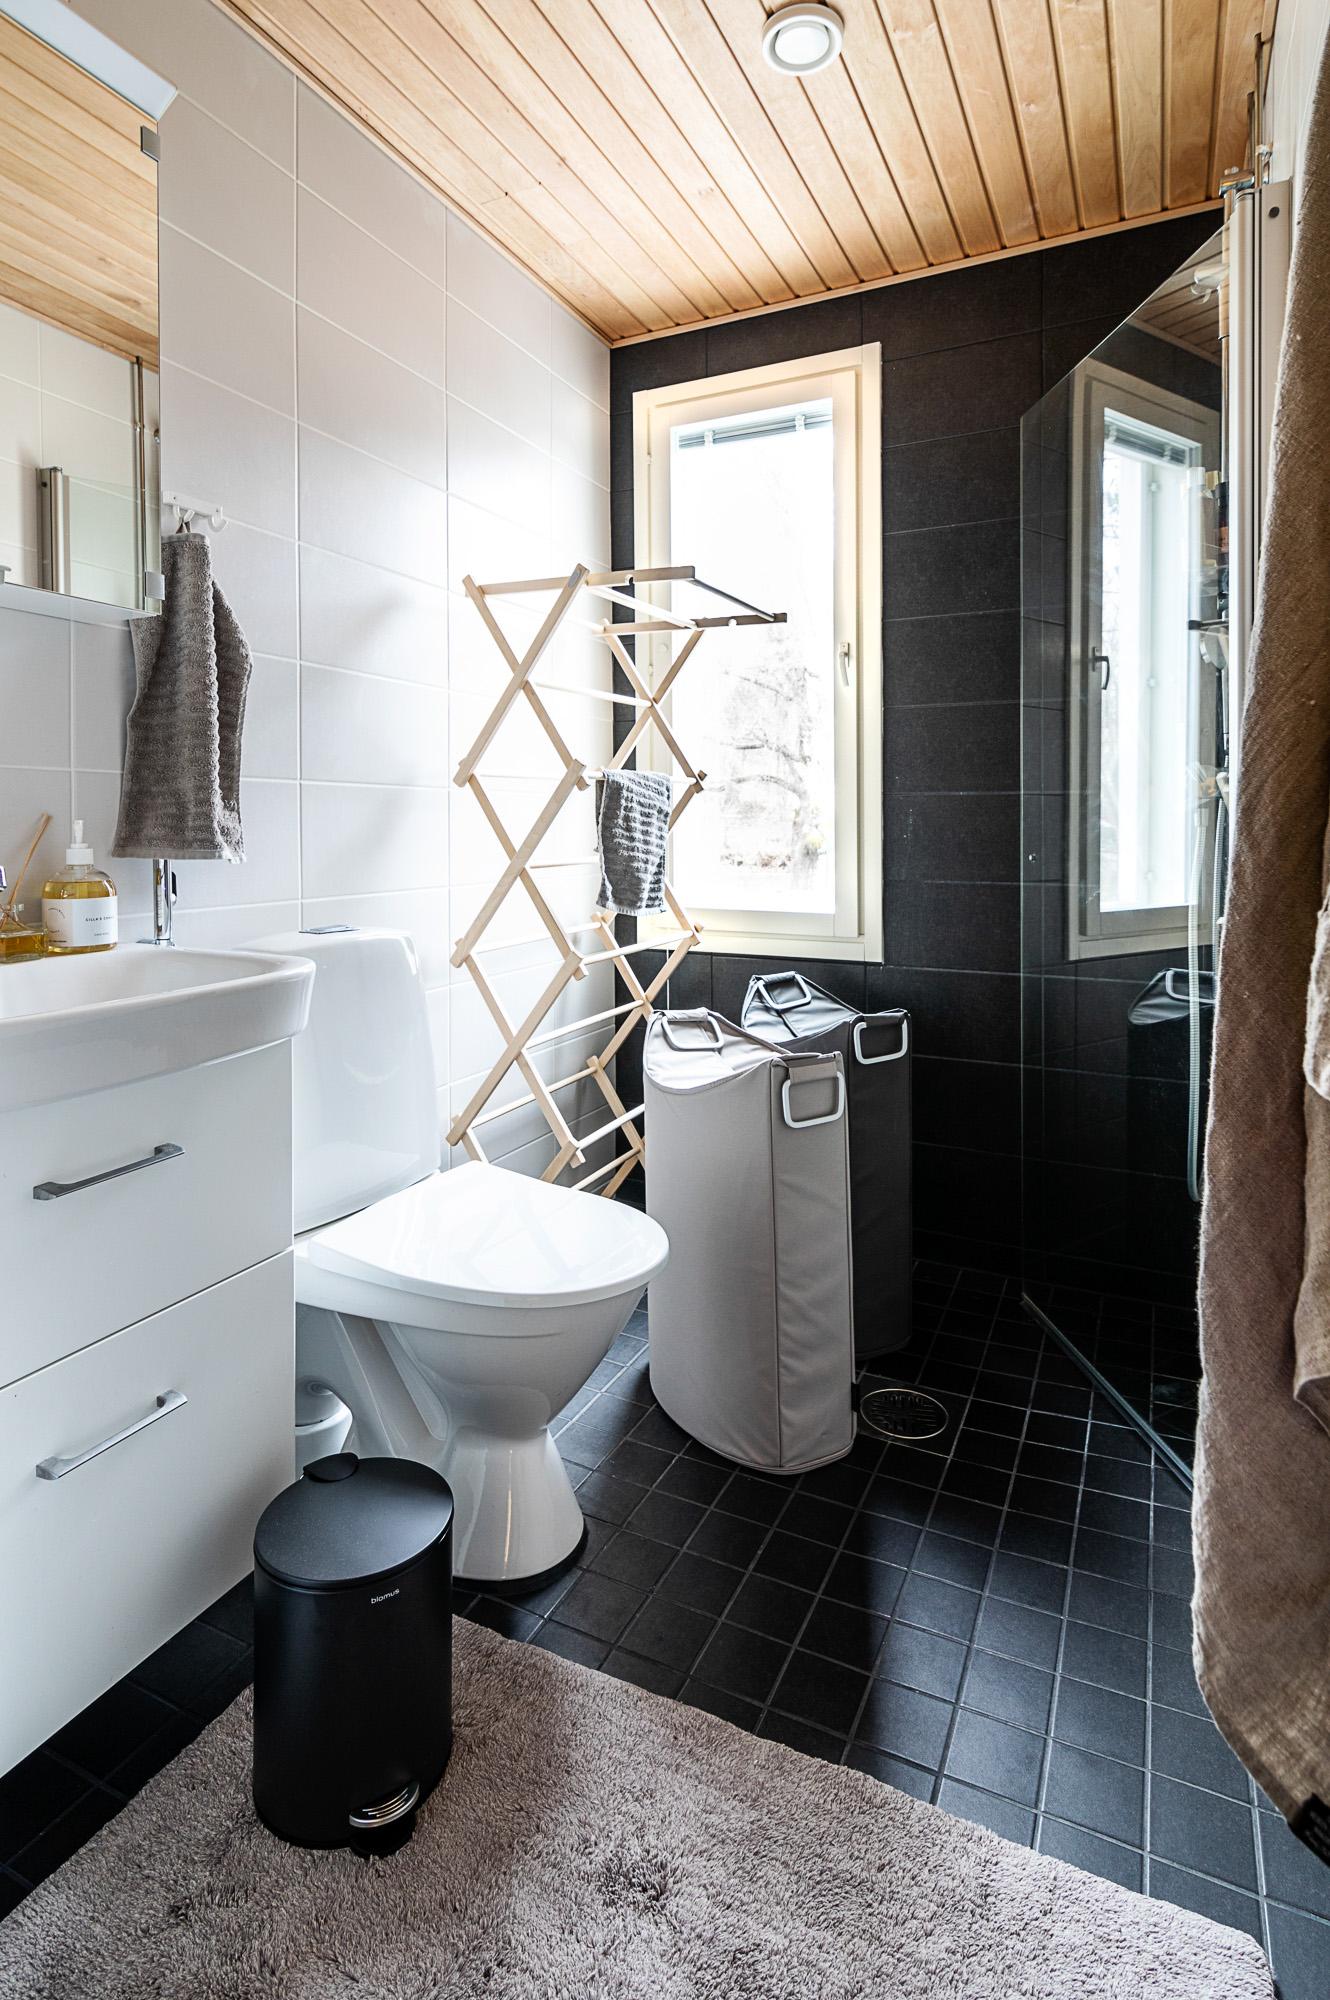 Kylpyhuone, sisustus, sisustaminen, finnishhome, koti, homeinterior, scandinavian home, inredning, Blomus, valokuvaaja, Visualaddictfrida, Frida Steiner